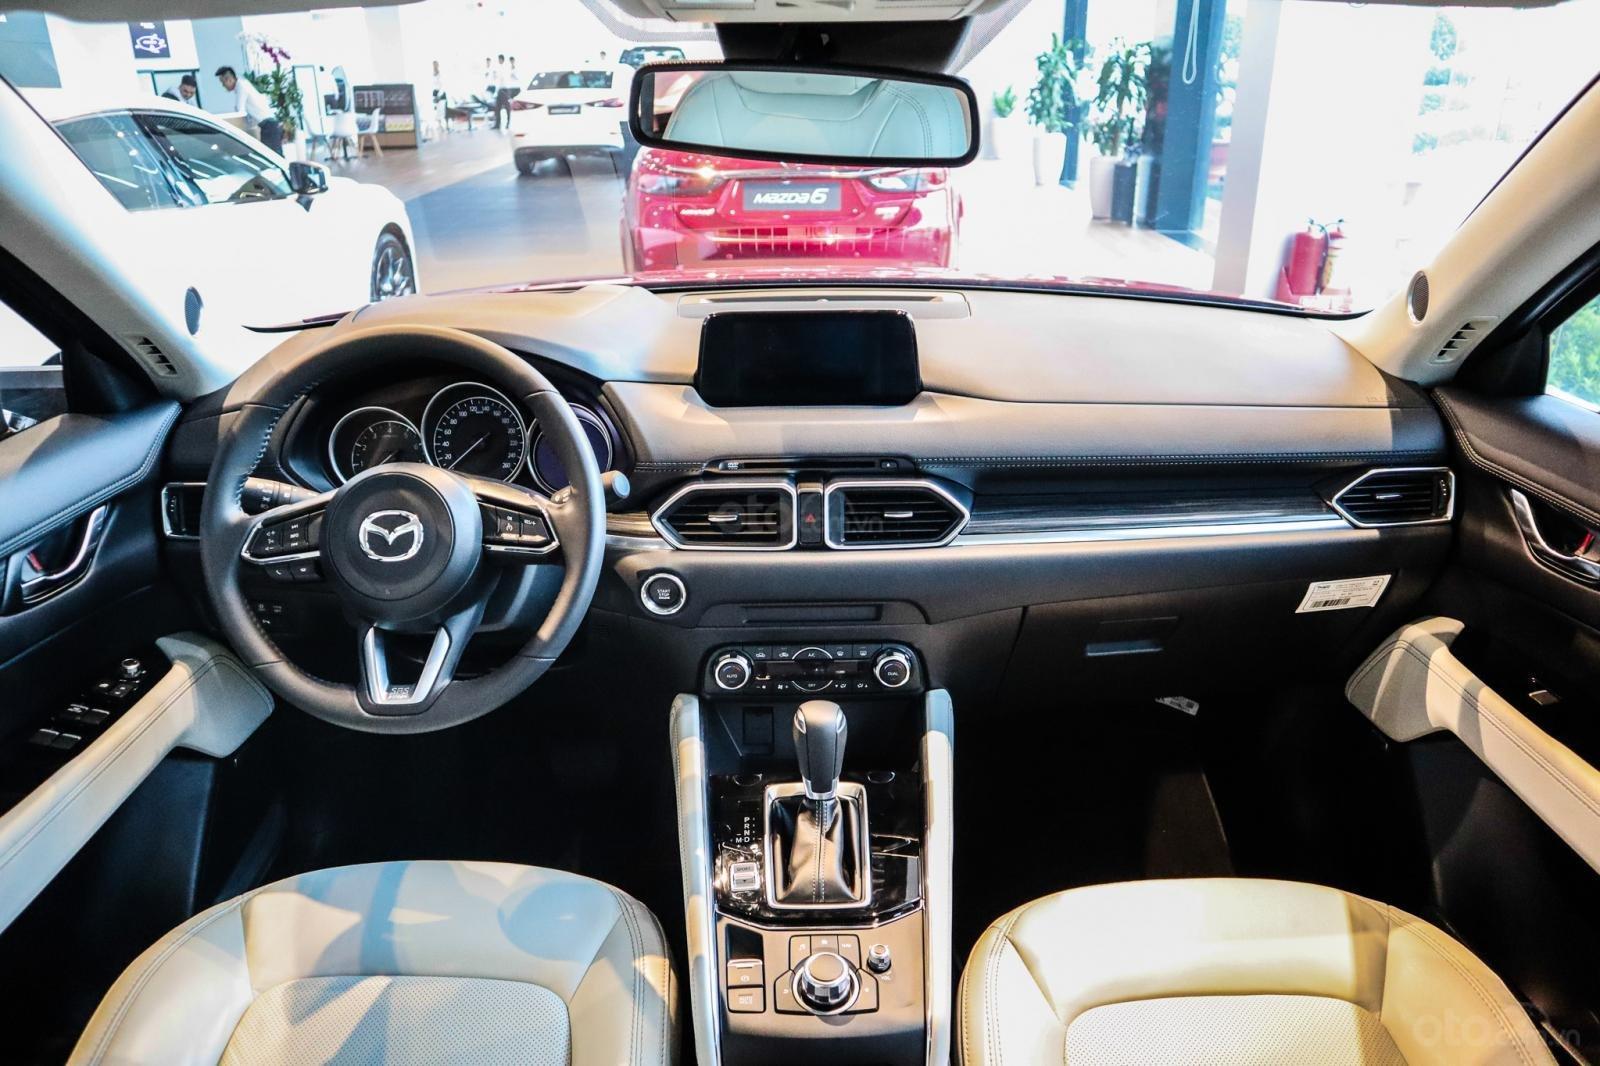 [Mazda Bình Triệu] Mua Mazda CX-5 giá tốt nhất. L/H: 0334.858.609 để được hỗ trợ-3